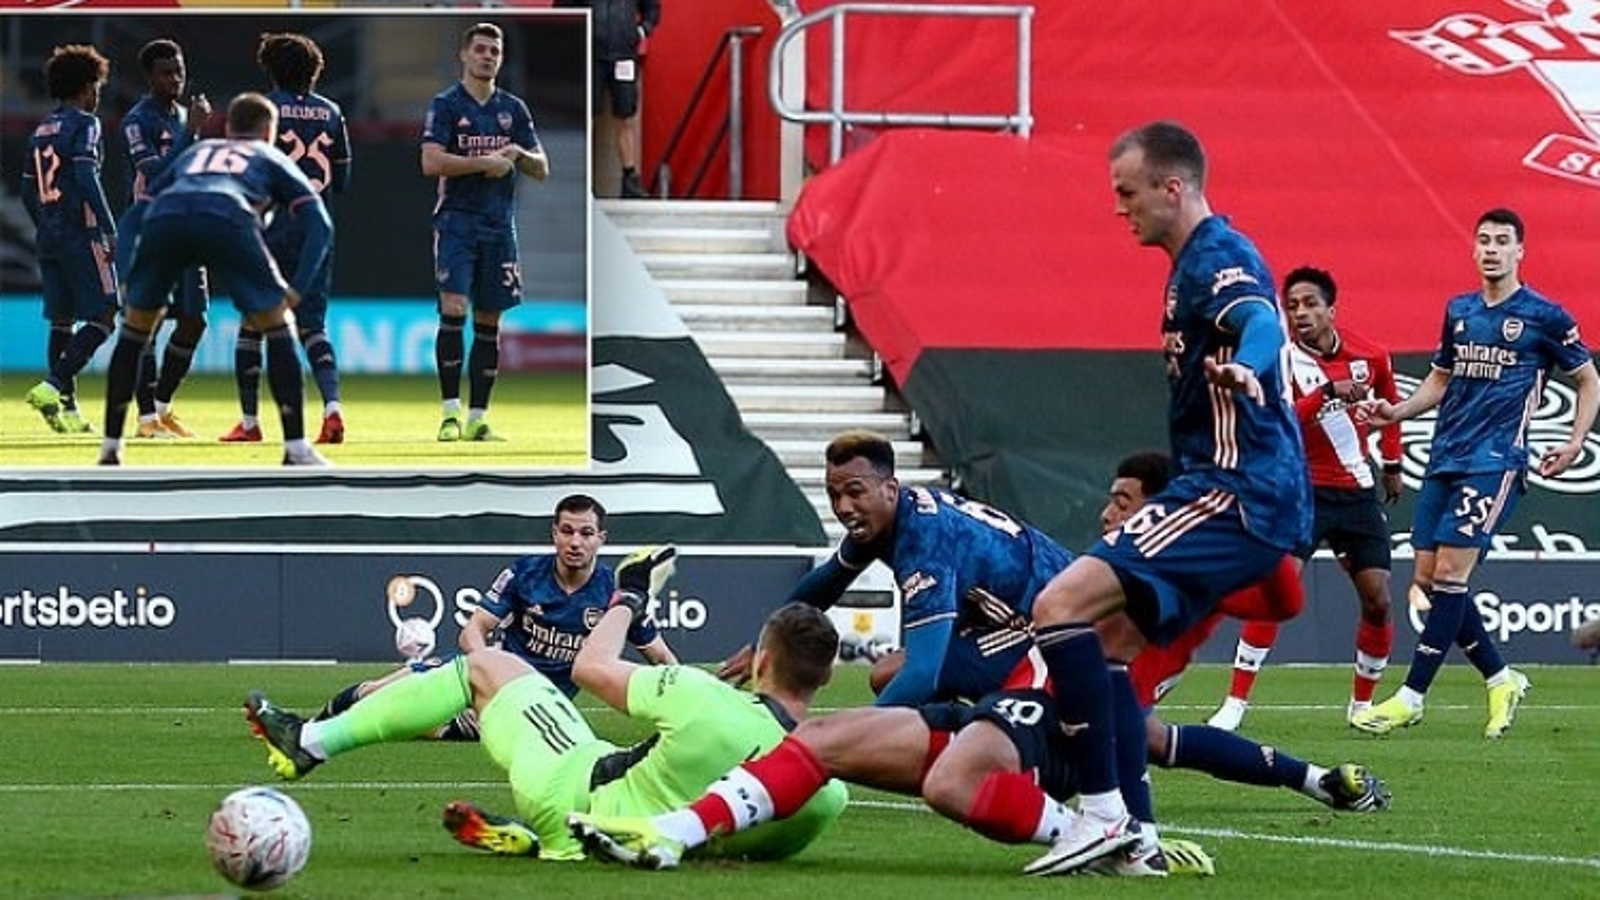 Hậu vệ đá phản lưới nhà, Arsenal bị Southampton loại khỏi FA Cup